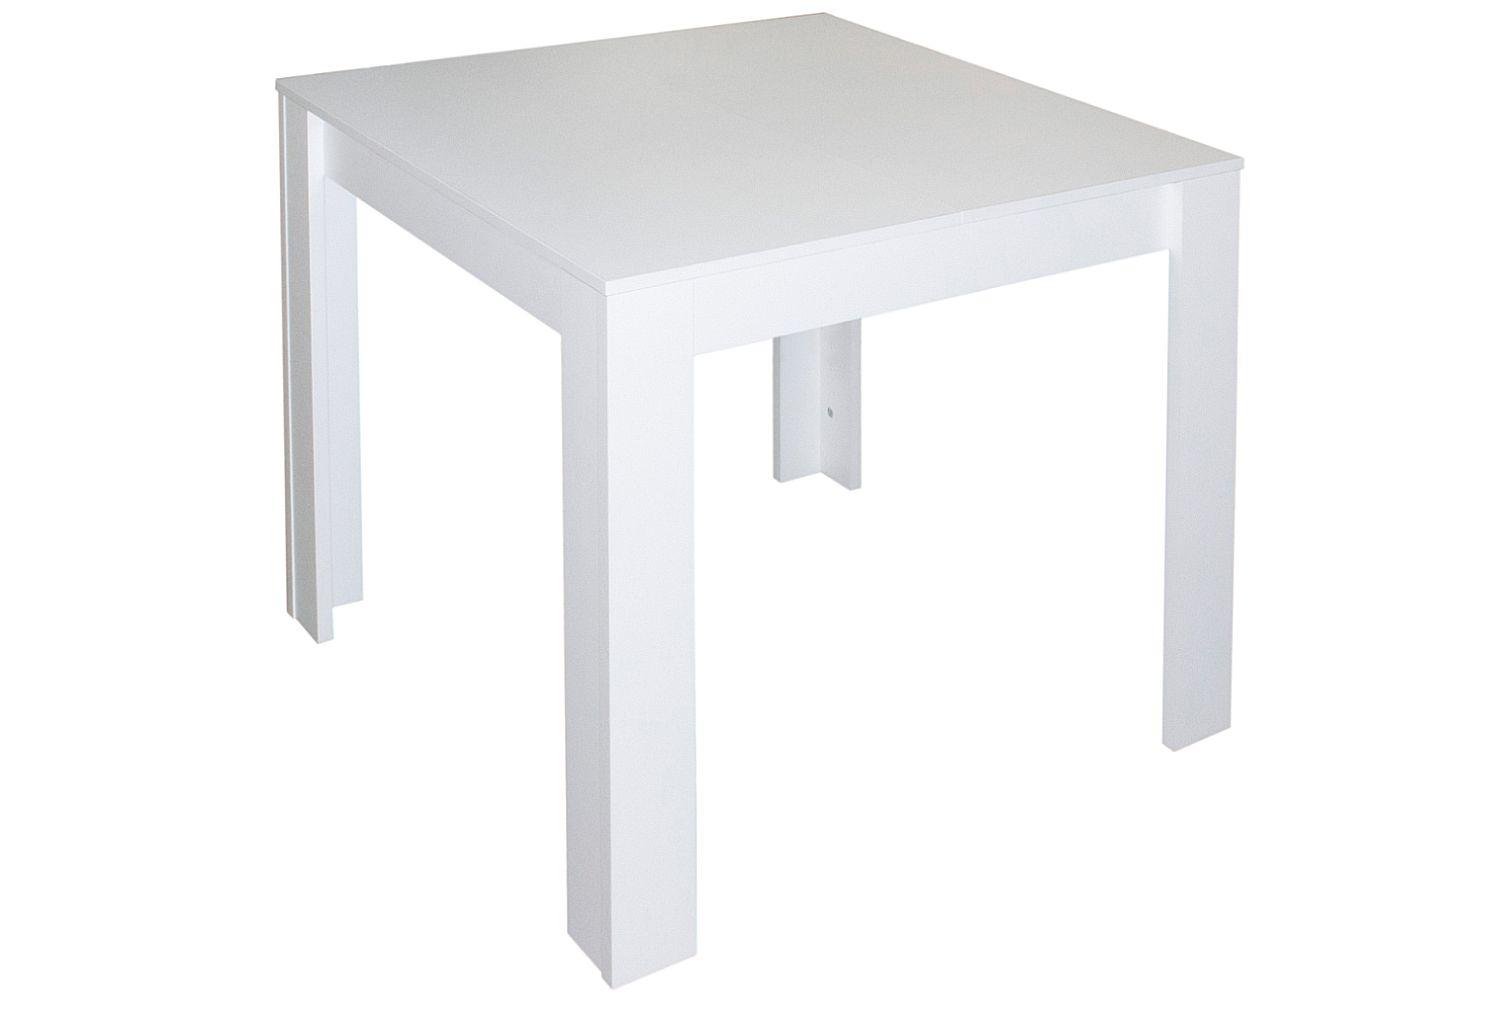 Tisch tische ausziehbar erweiterbar k chentisch for Designer esstisch 80x80